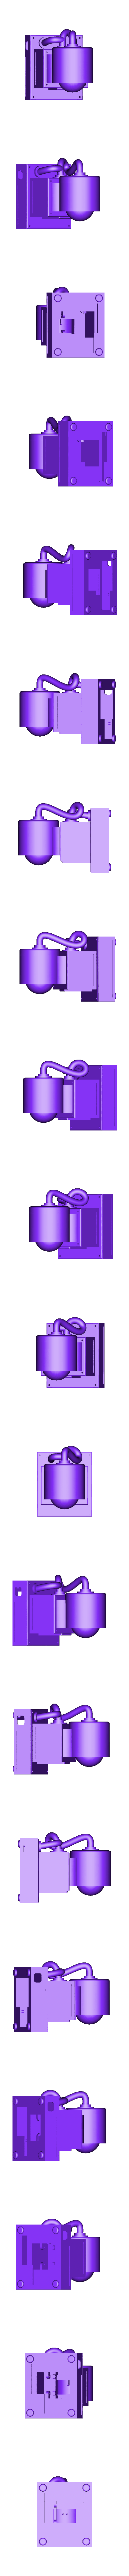 Eye_Gimbal_v3_v20.stl Download free STL file Steampunk Oculus Roboticus • 3D print design, cyrusharding